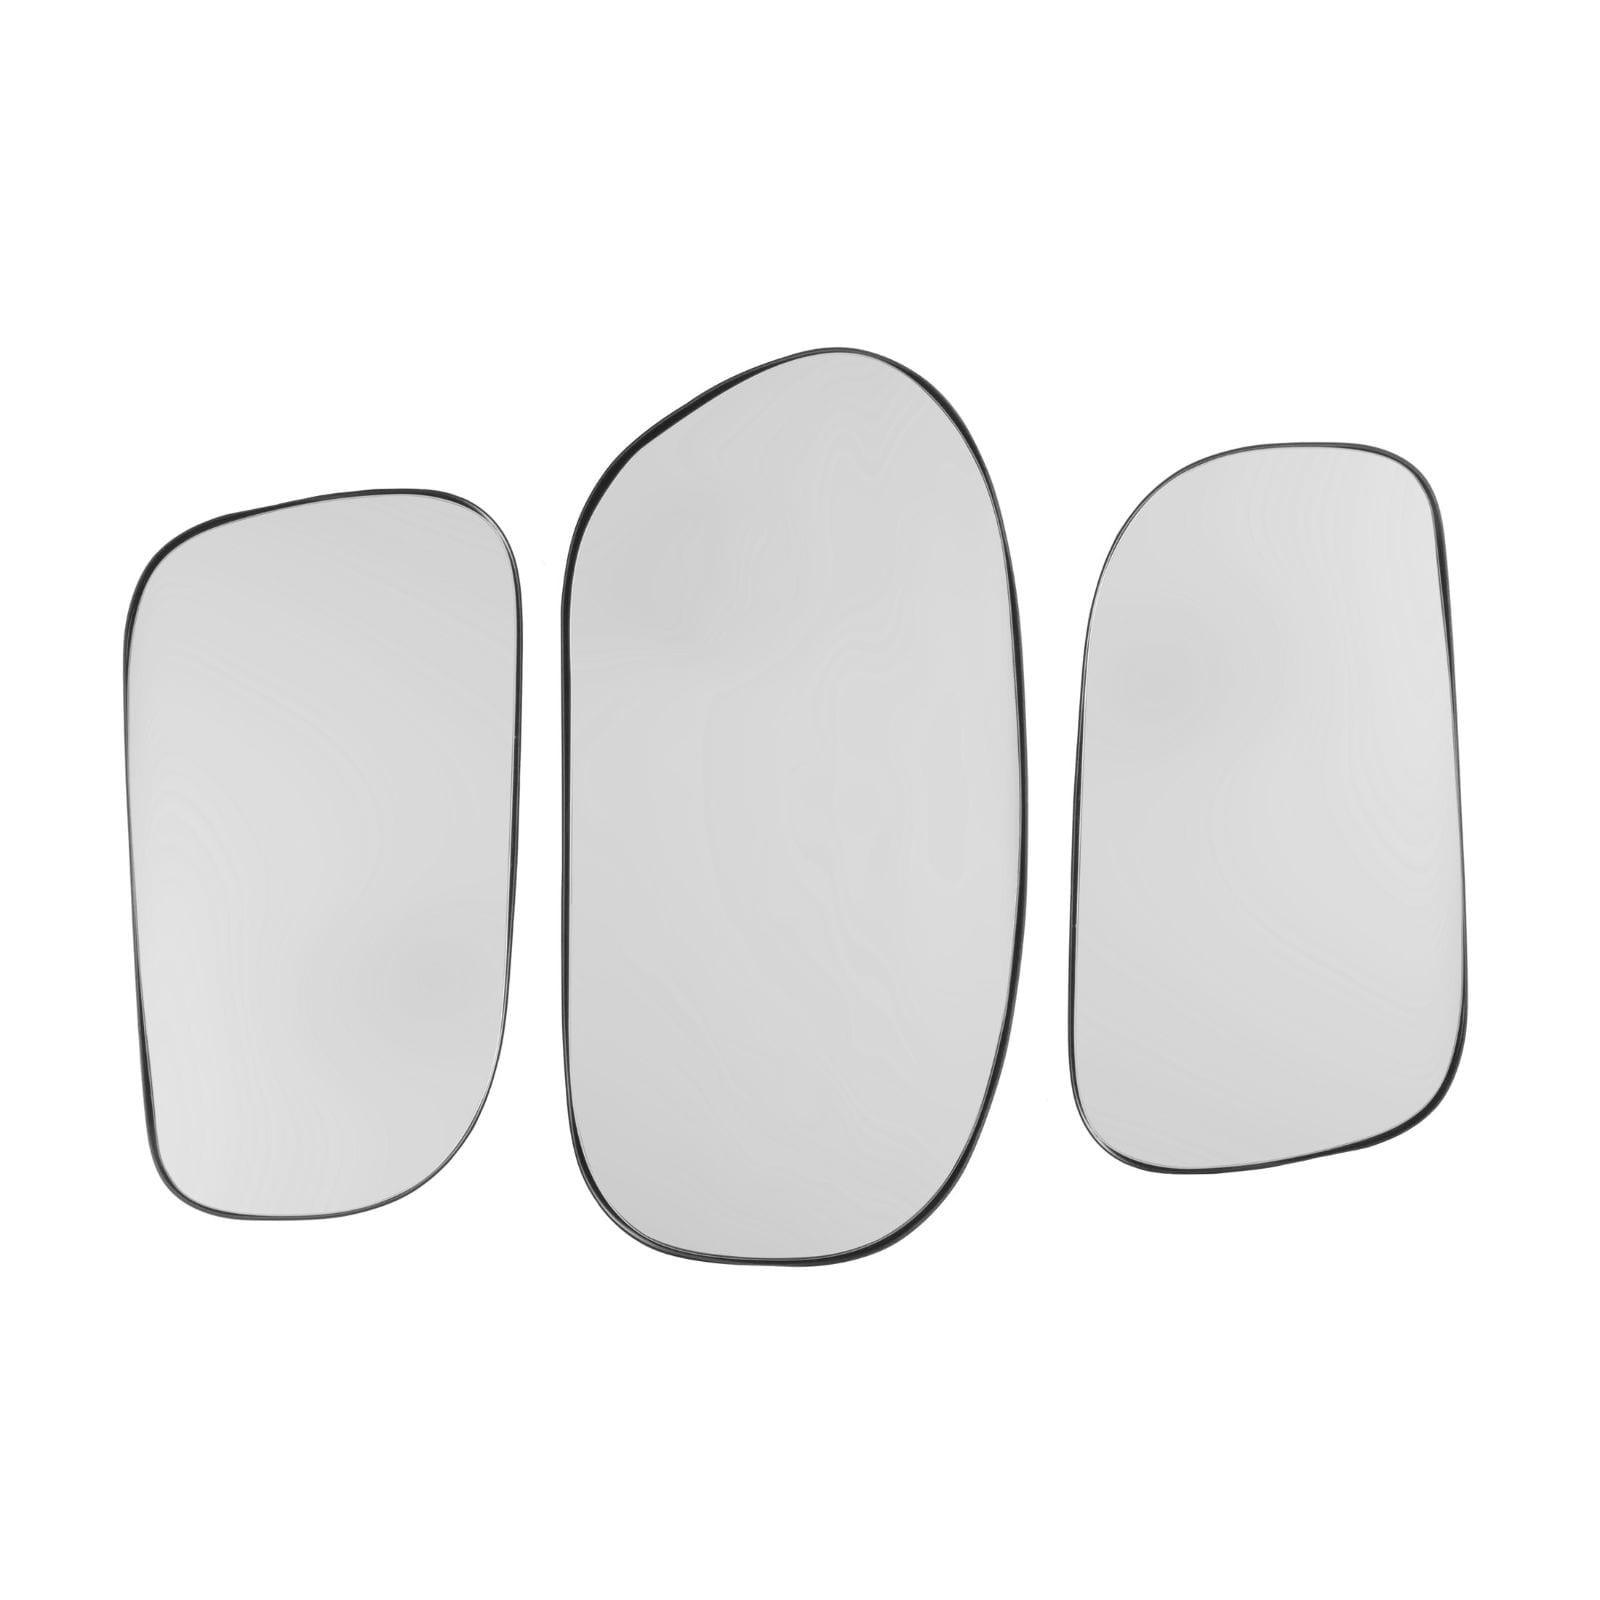 Καθρέφτες Τοίχου Concord Σετ των 3 (Μαύρο / Ασημί) - Present Time